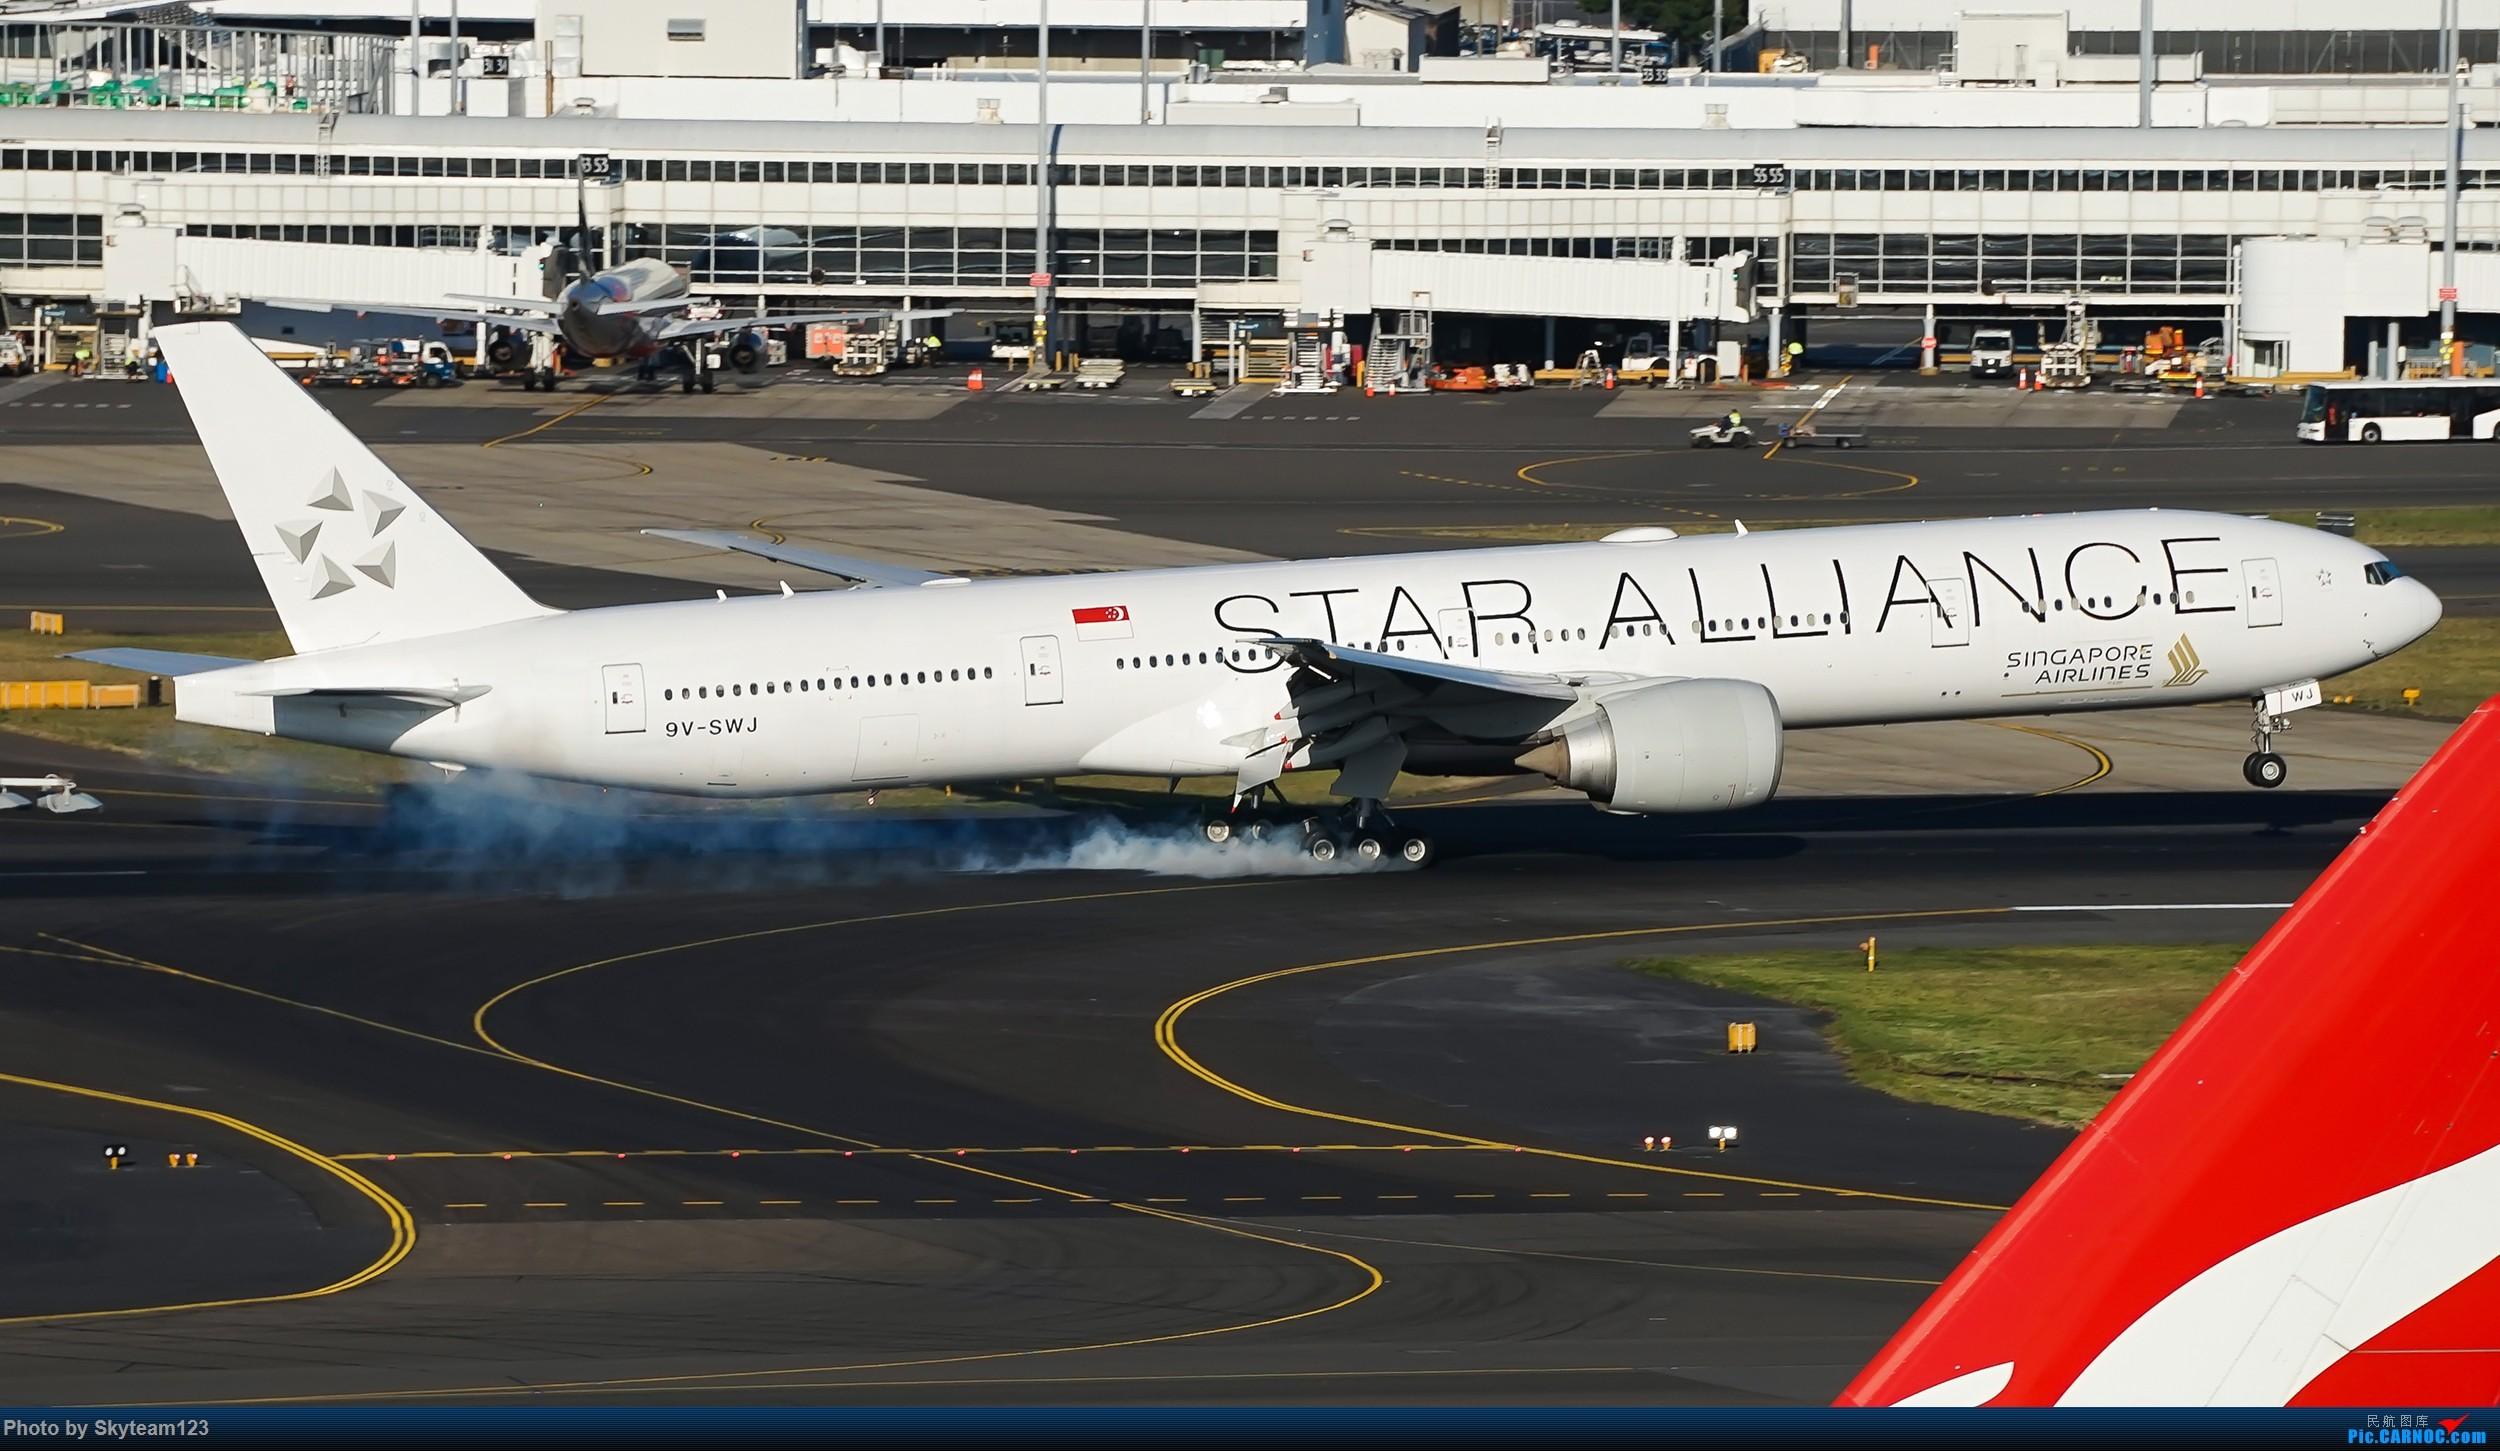 Re:[原创][SYD] 假期拍机小结 解锁16R跑道头拍机位 & 停车楼拍机作业 【全宽体】 BOEING 777-300ER 9V-SWJ 澳大利亚悉尼金斯福德·史密斯机场